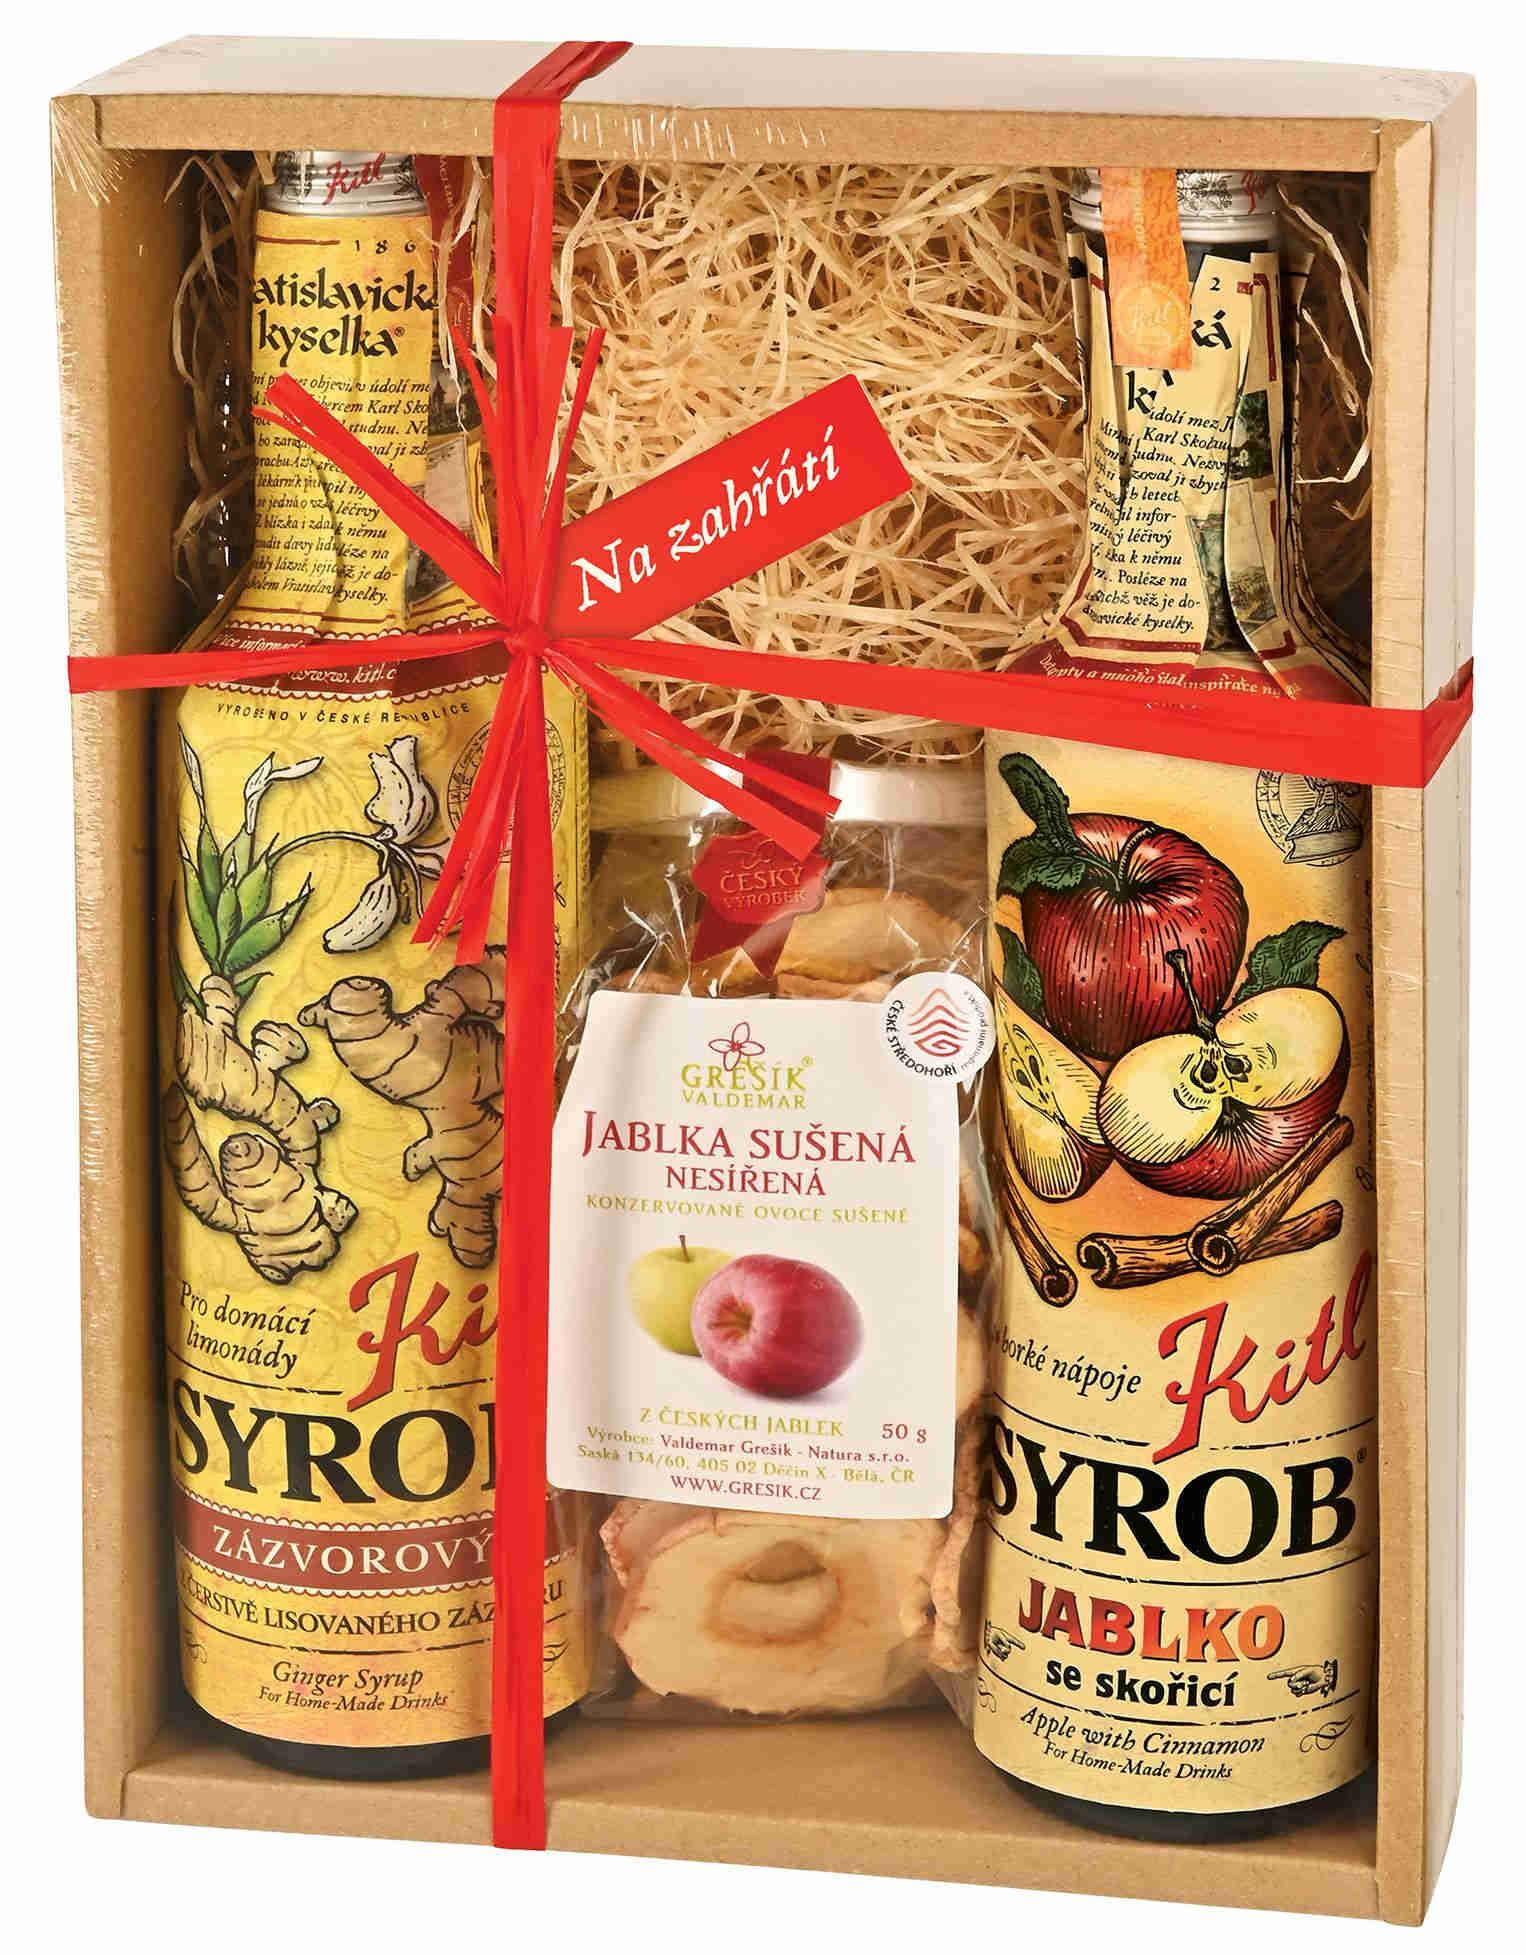 Kitl Syrob pro domácí limonády Višeň & Grep & sklenička - dárkové balení